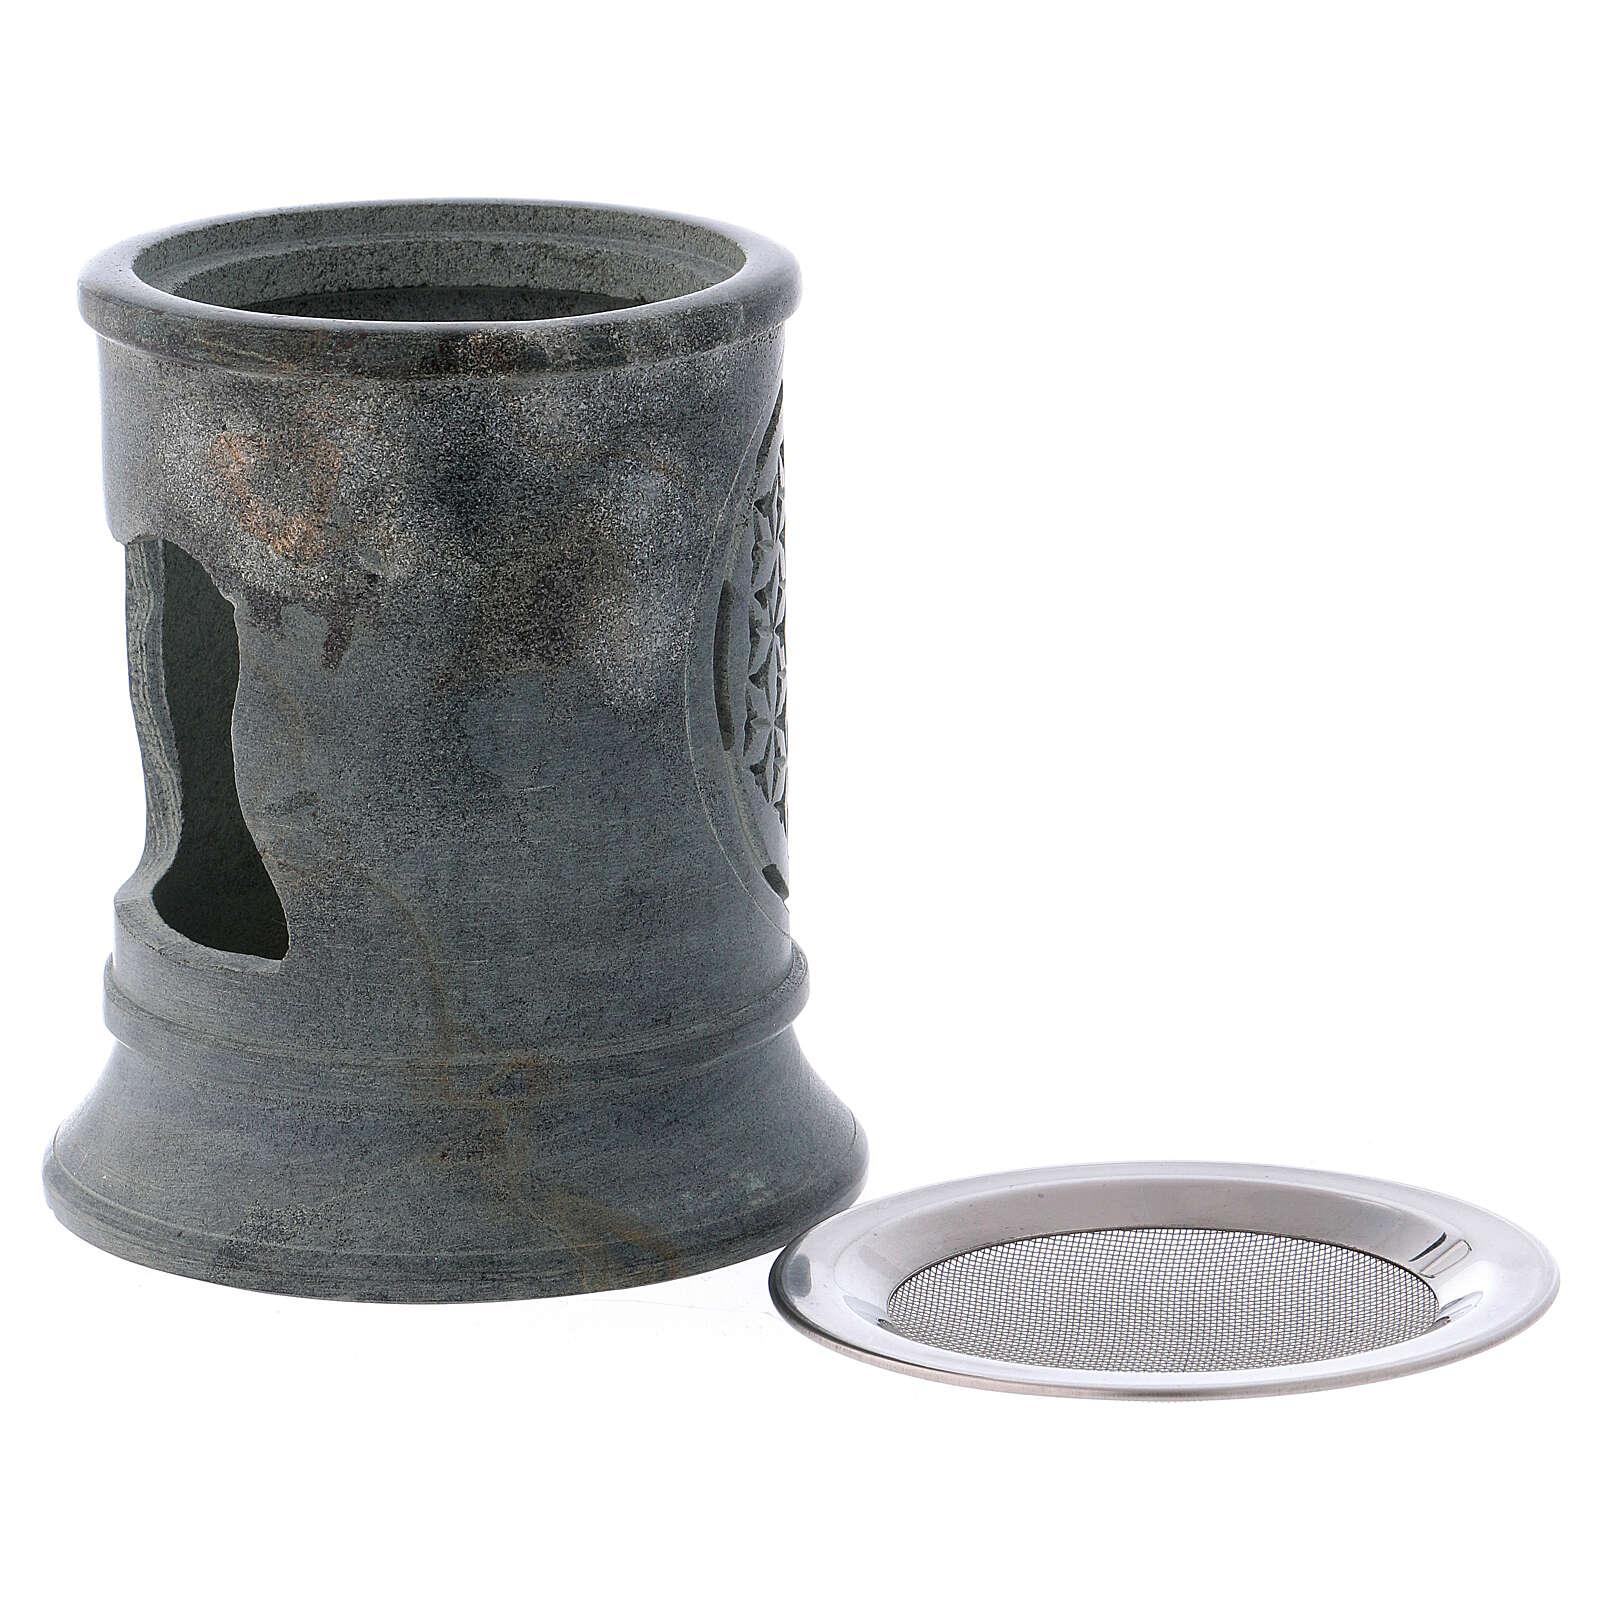 Incense burner in grey soapstone 3